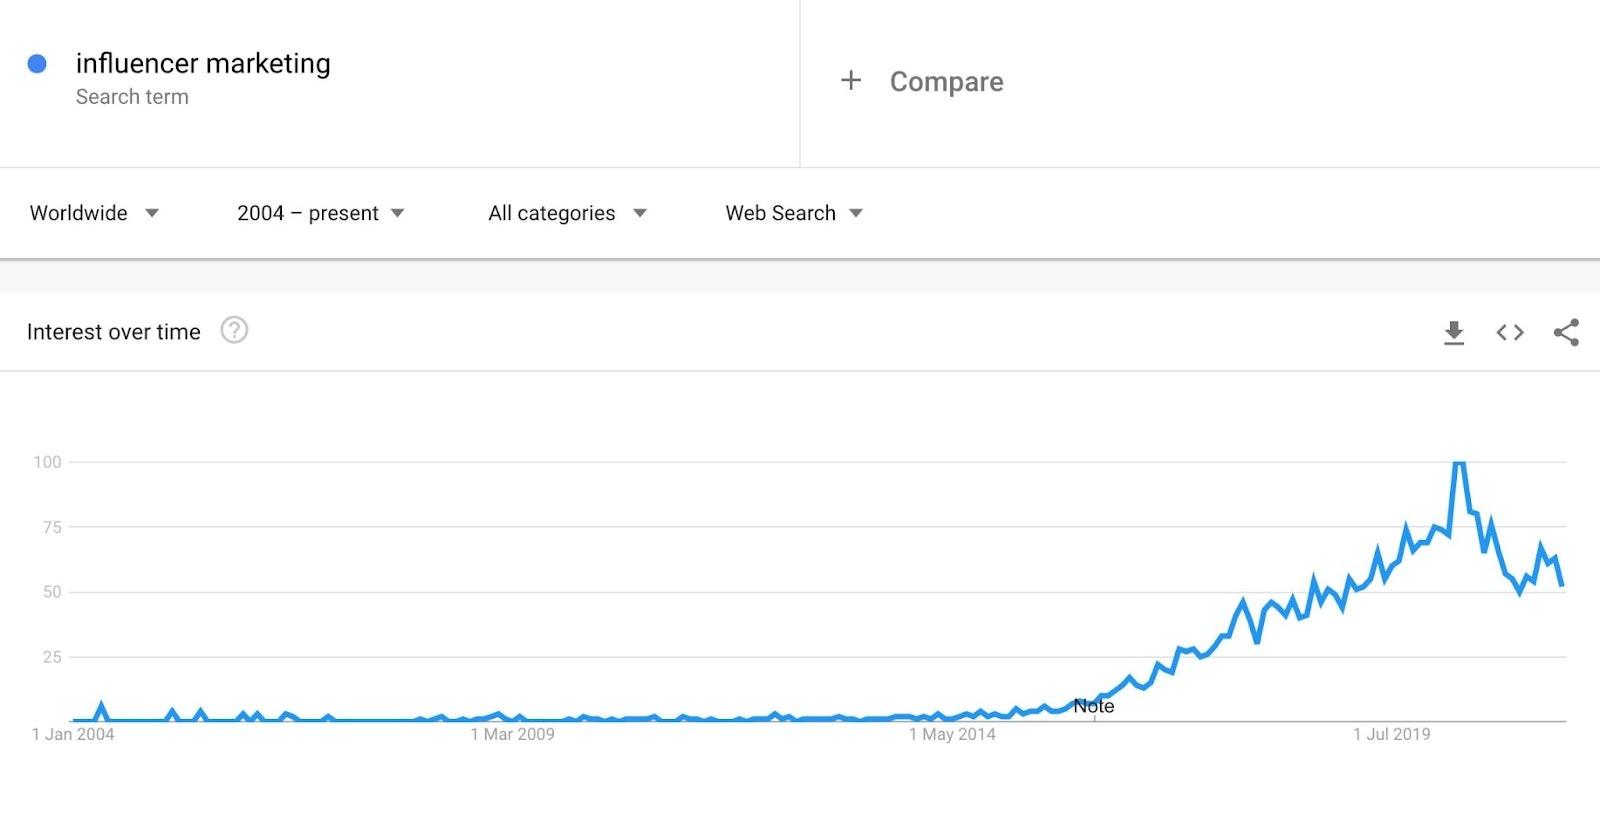 influnecer marketing rising interest